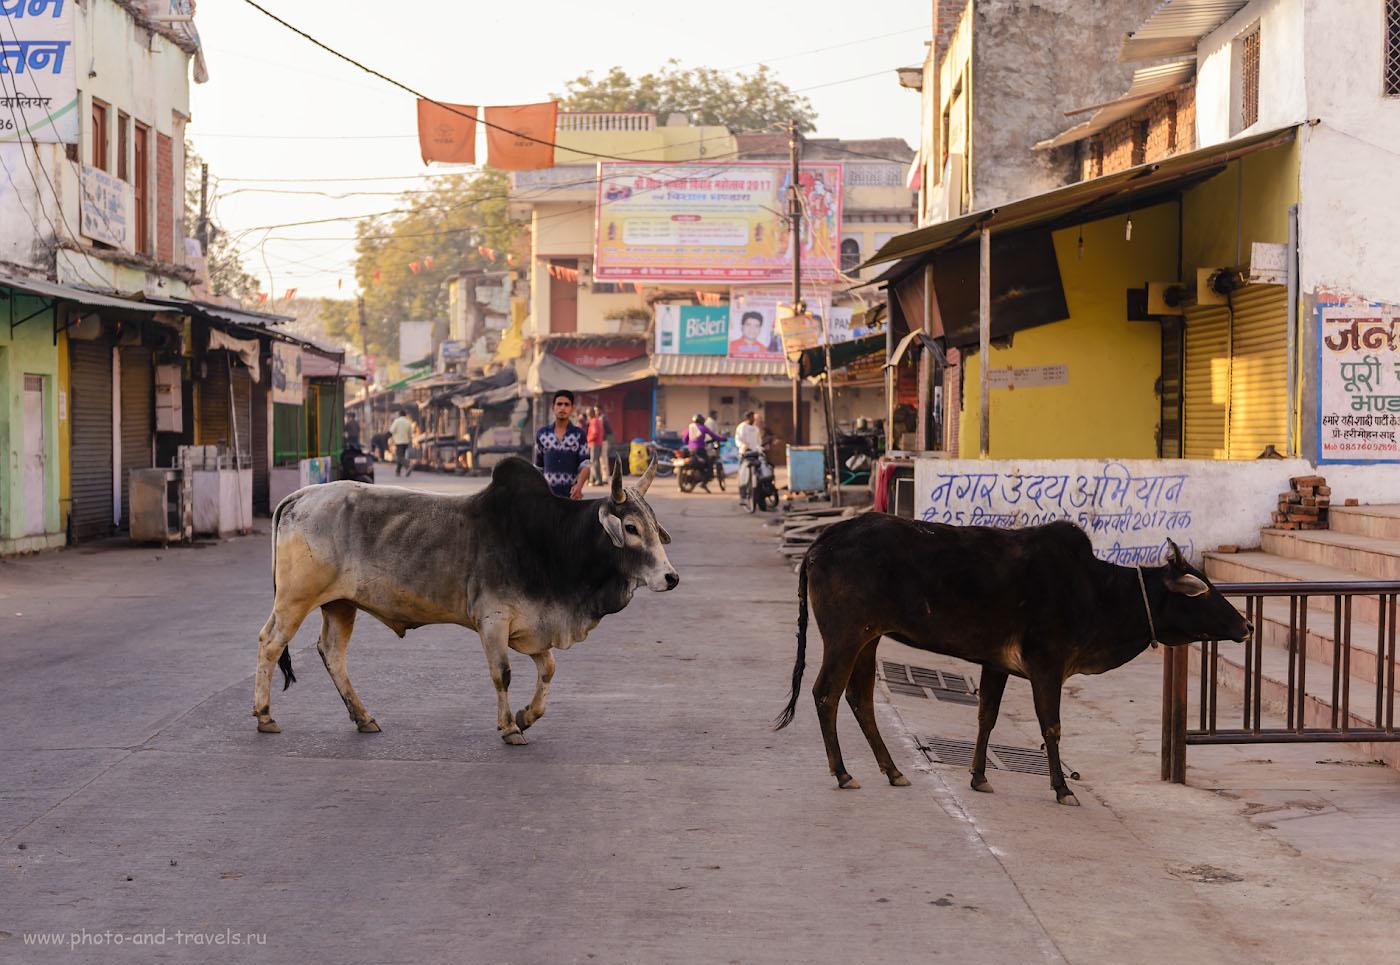 Фото 14. Корова - самое распространенное домашнее животное на улицах индийских городов. В отличие от Турции, в Индии мы почти не видели кошек. 1/320, 2.8, 100, 48.